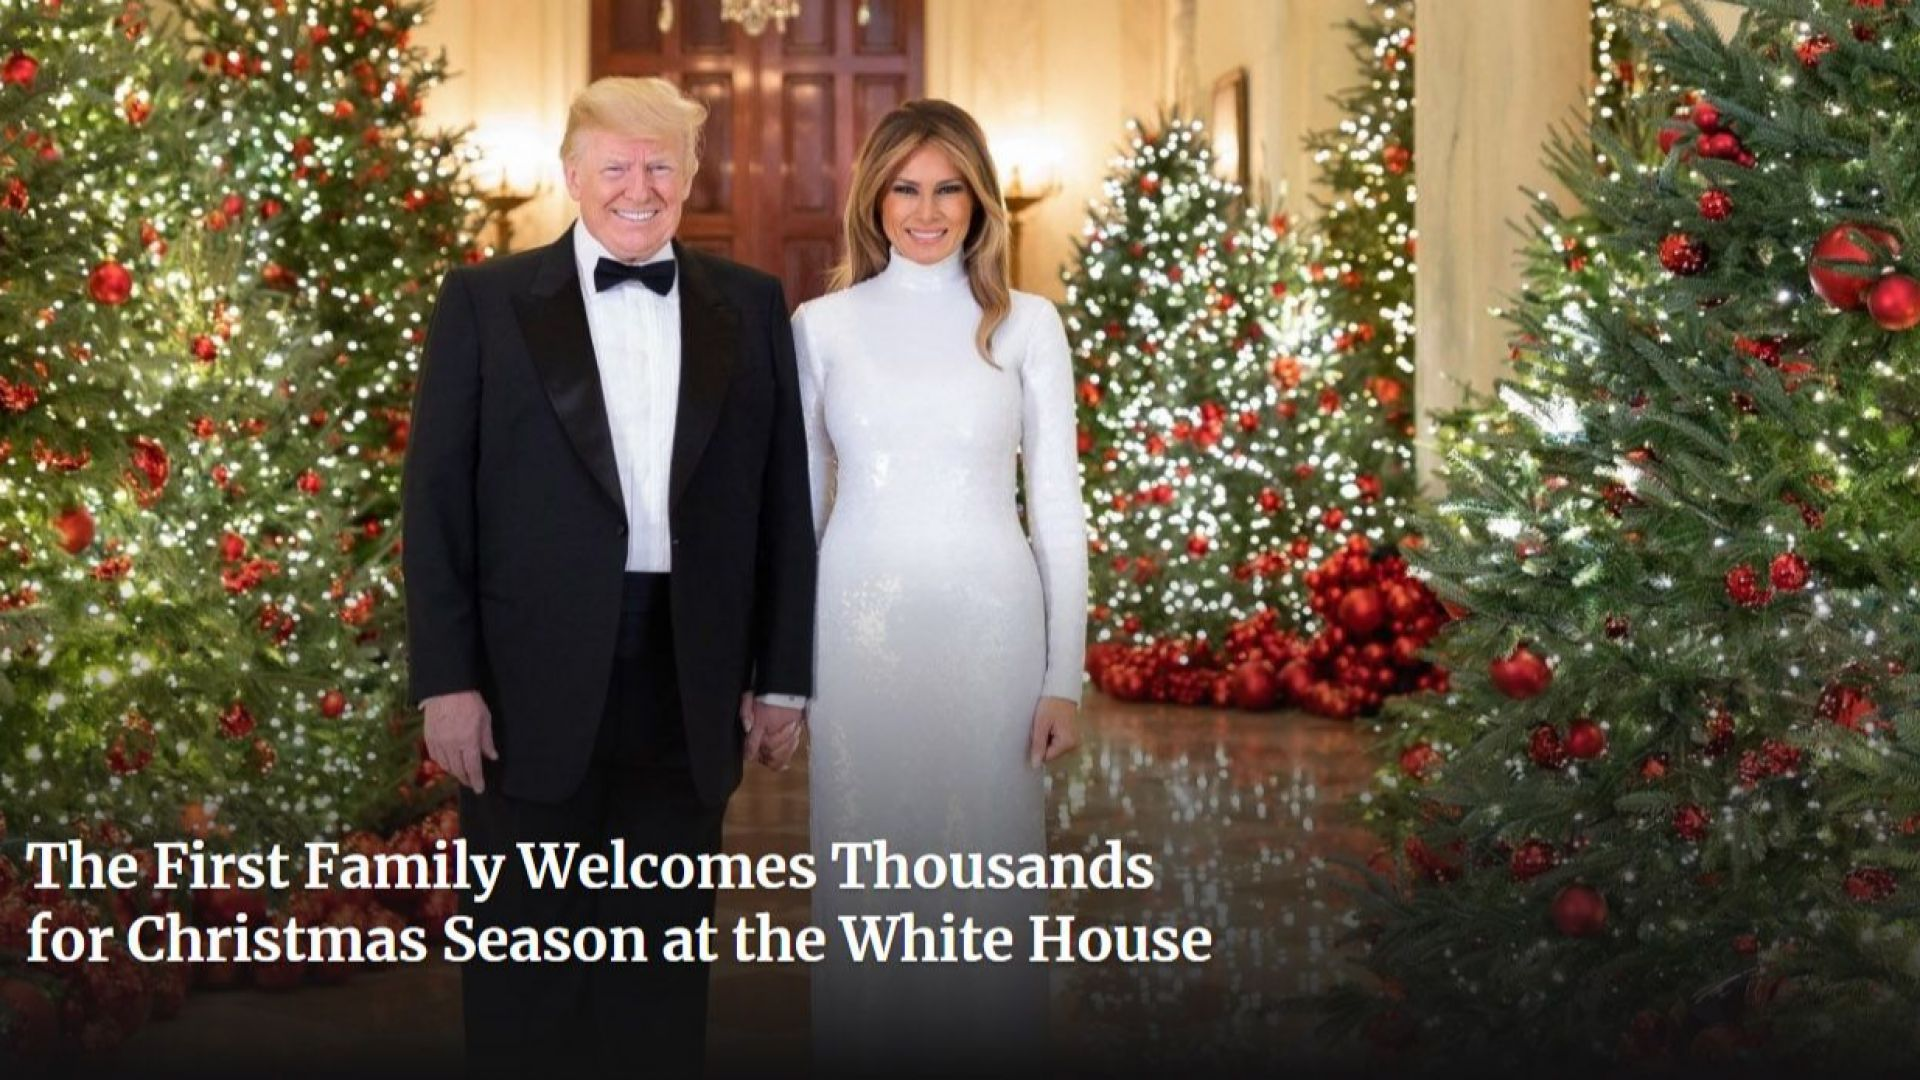 Коледната картичка на Доналд и Мелания - силно критикувана